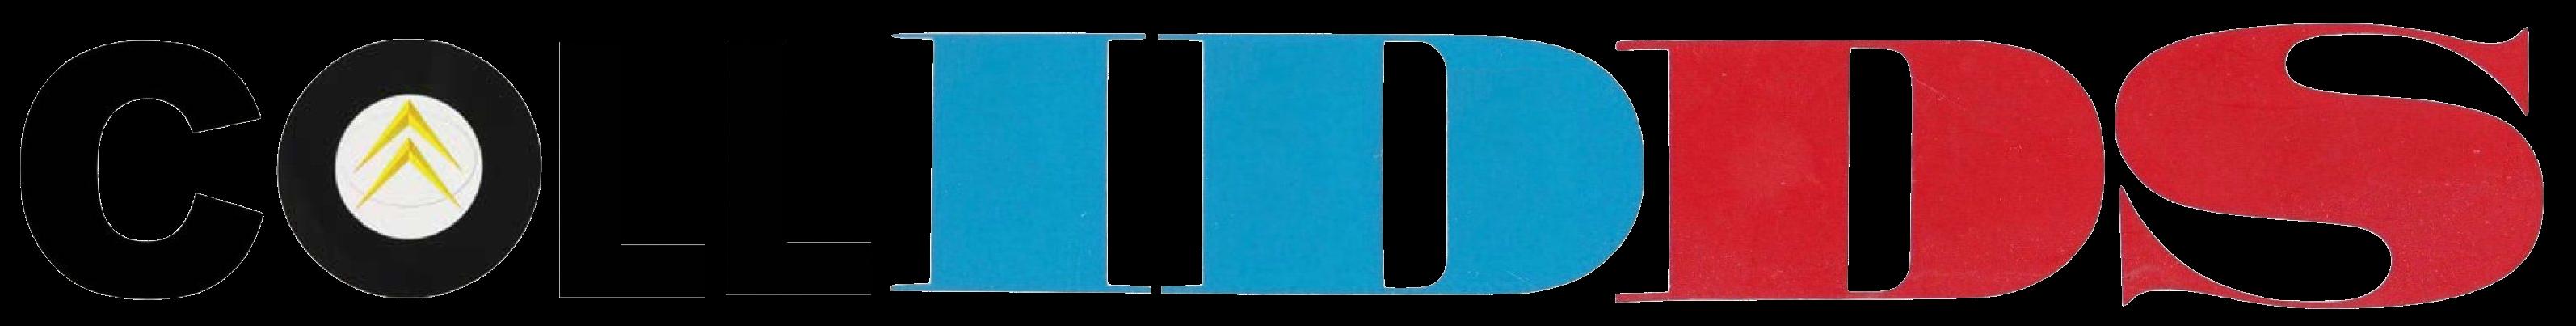 03-COLLIDDS logo-3 def kopie 5